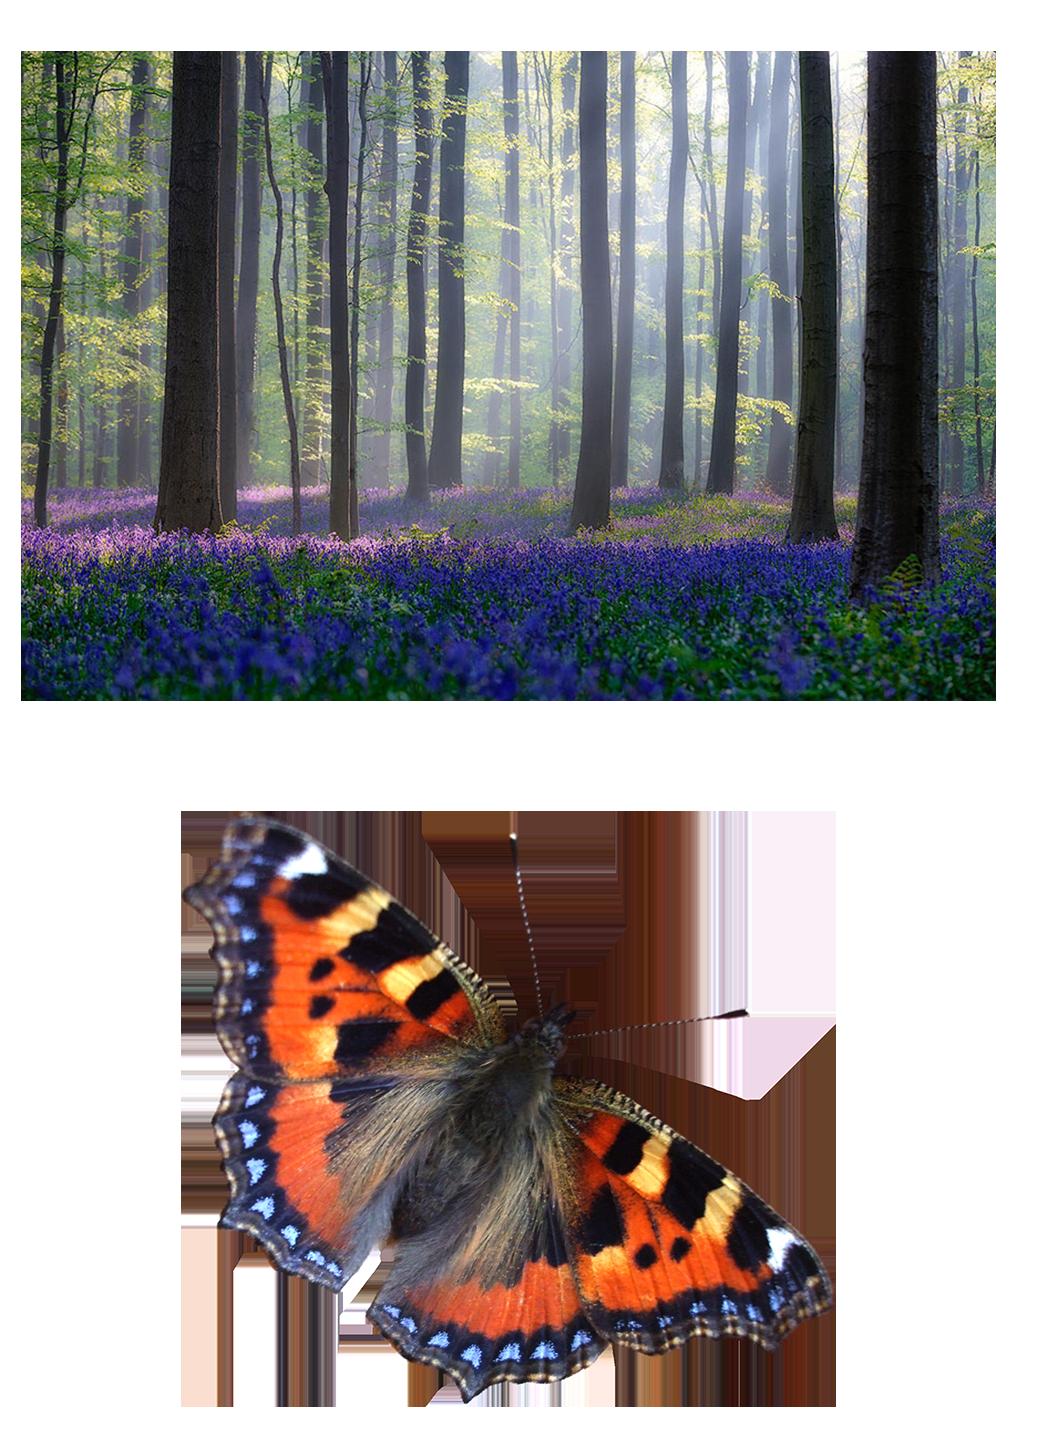 El Bosque cinematográfico: Requiem por una mariposa | Visual404 #1